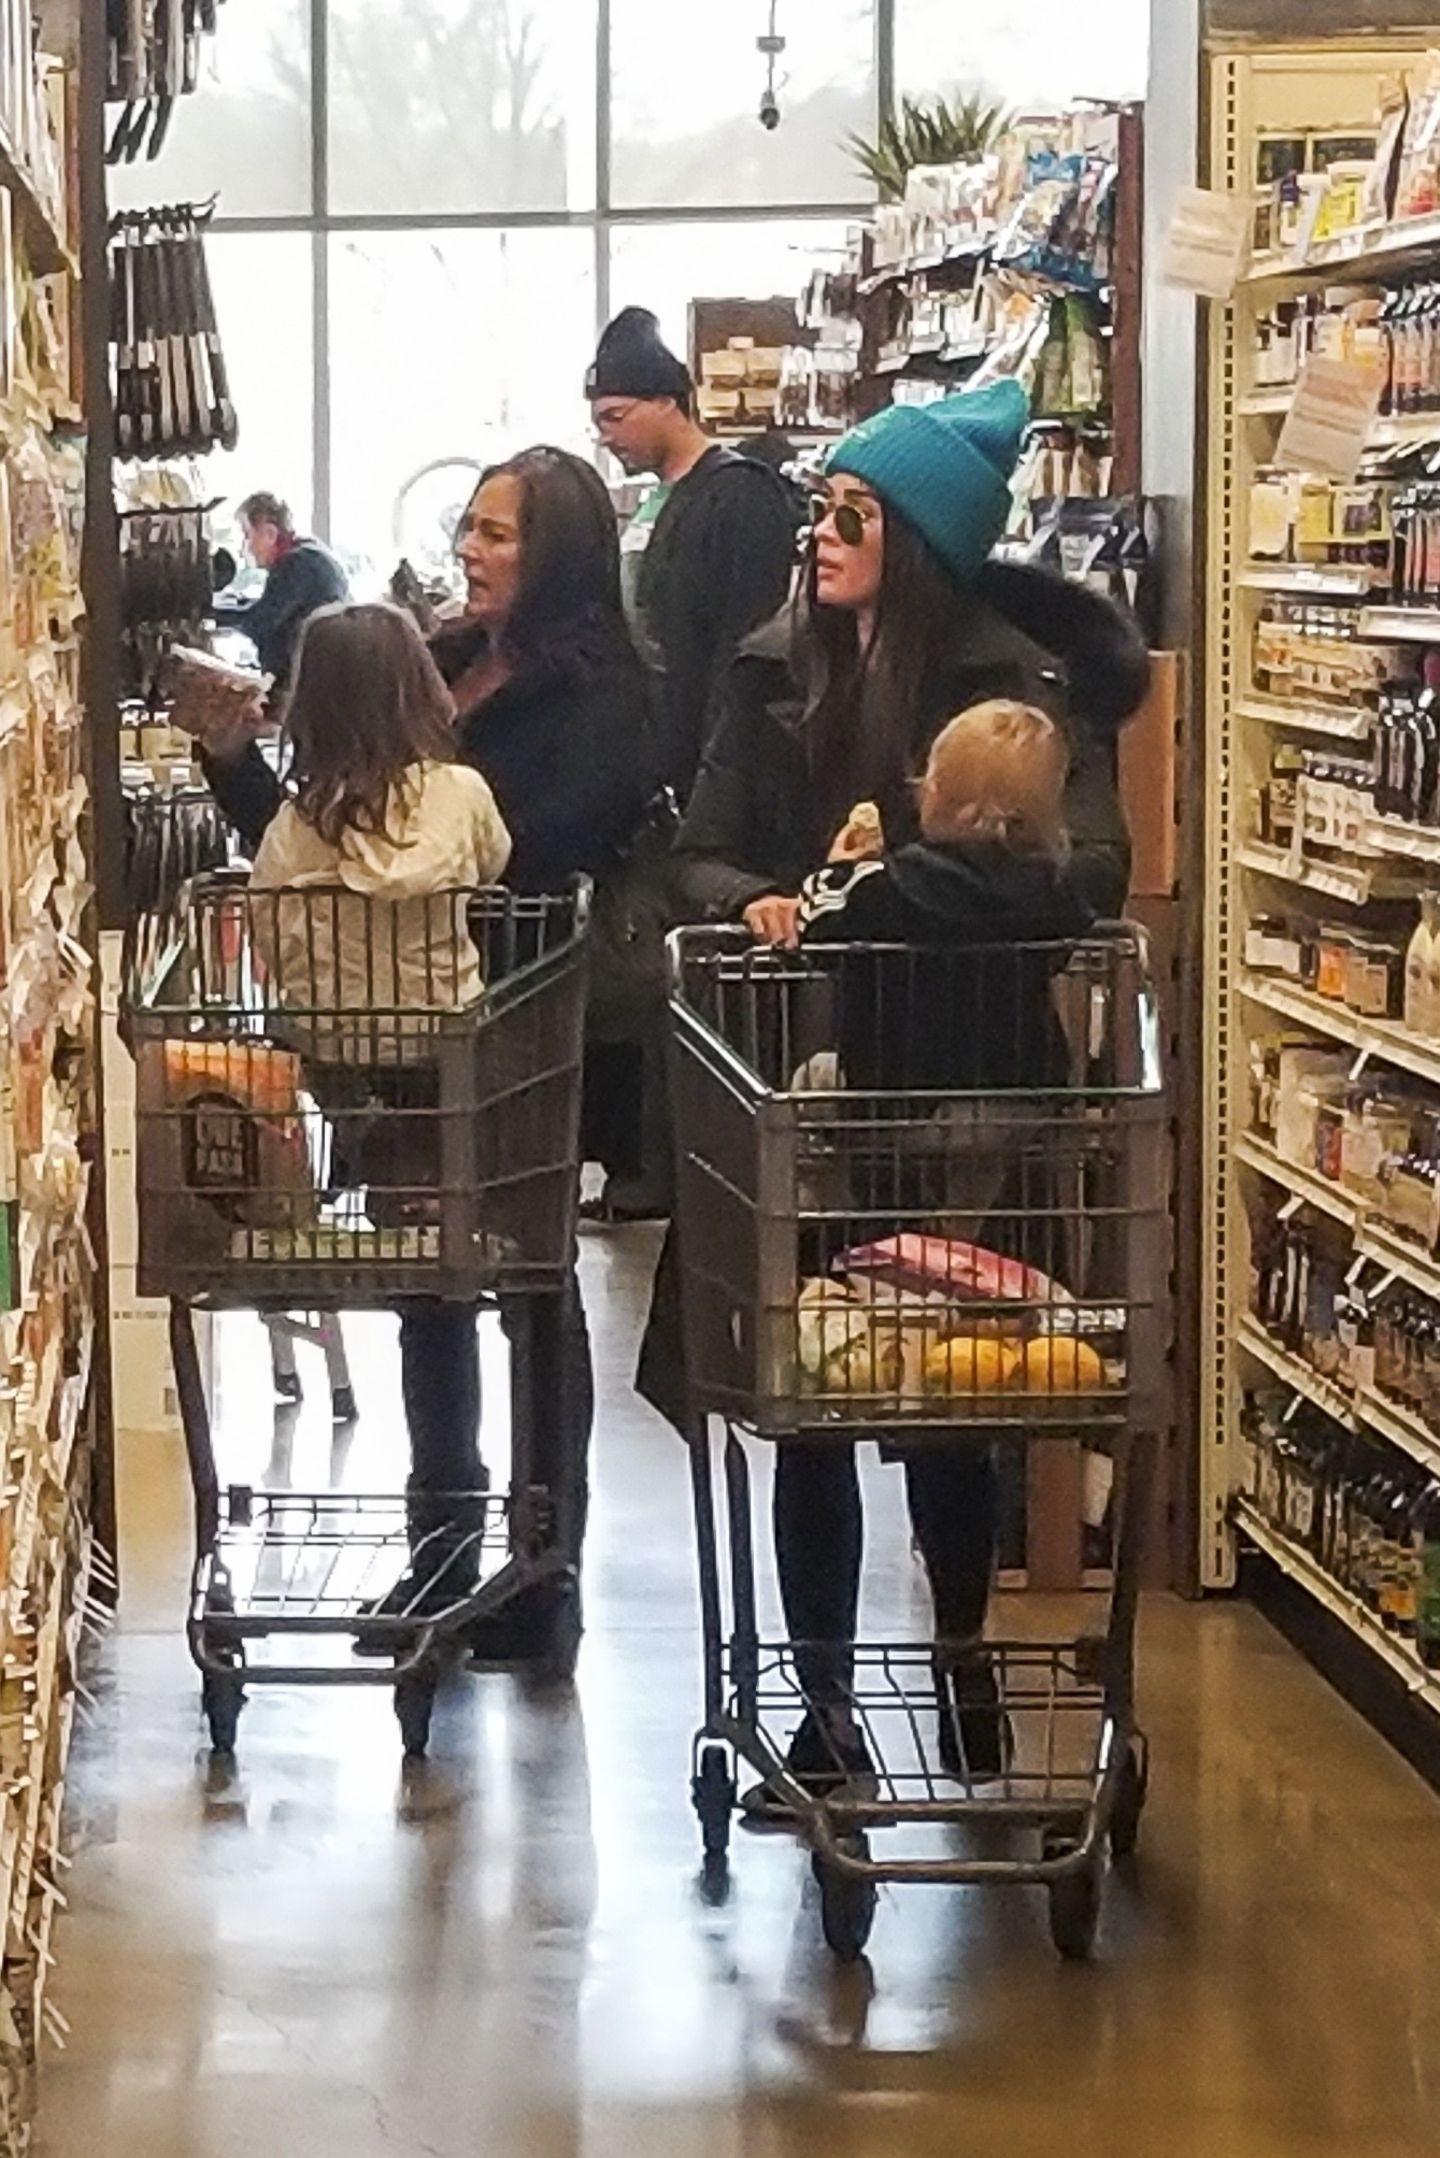 Megan Fox stürzt sich in Los Angeles ins Getümmel, um die letzten Einkäufe für die Feiertage zu erledigen. SöhnchenJourney River sitzt dabei ganz geduldig im Einkaufswagen.